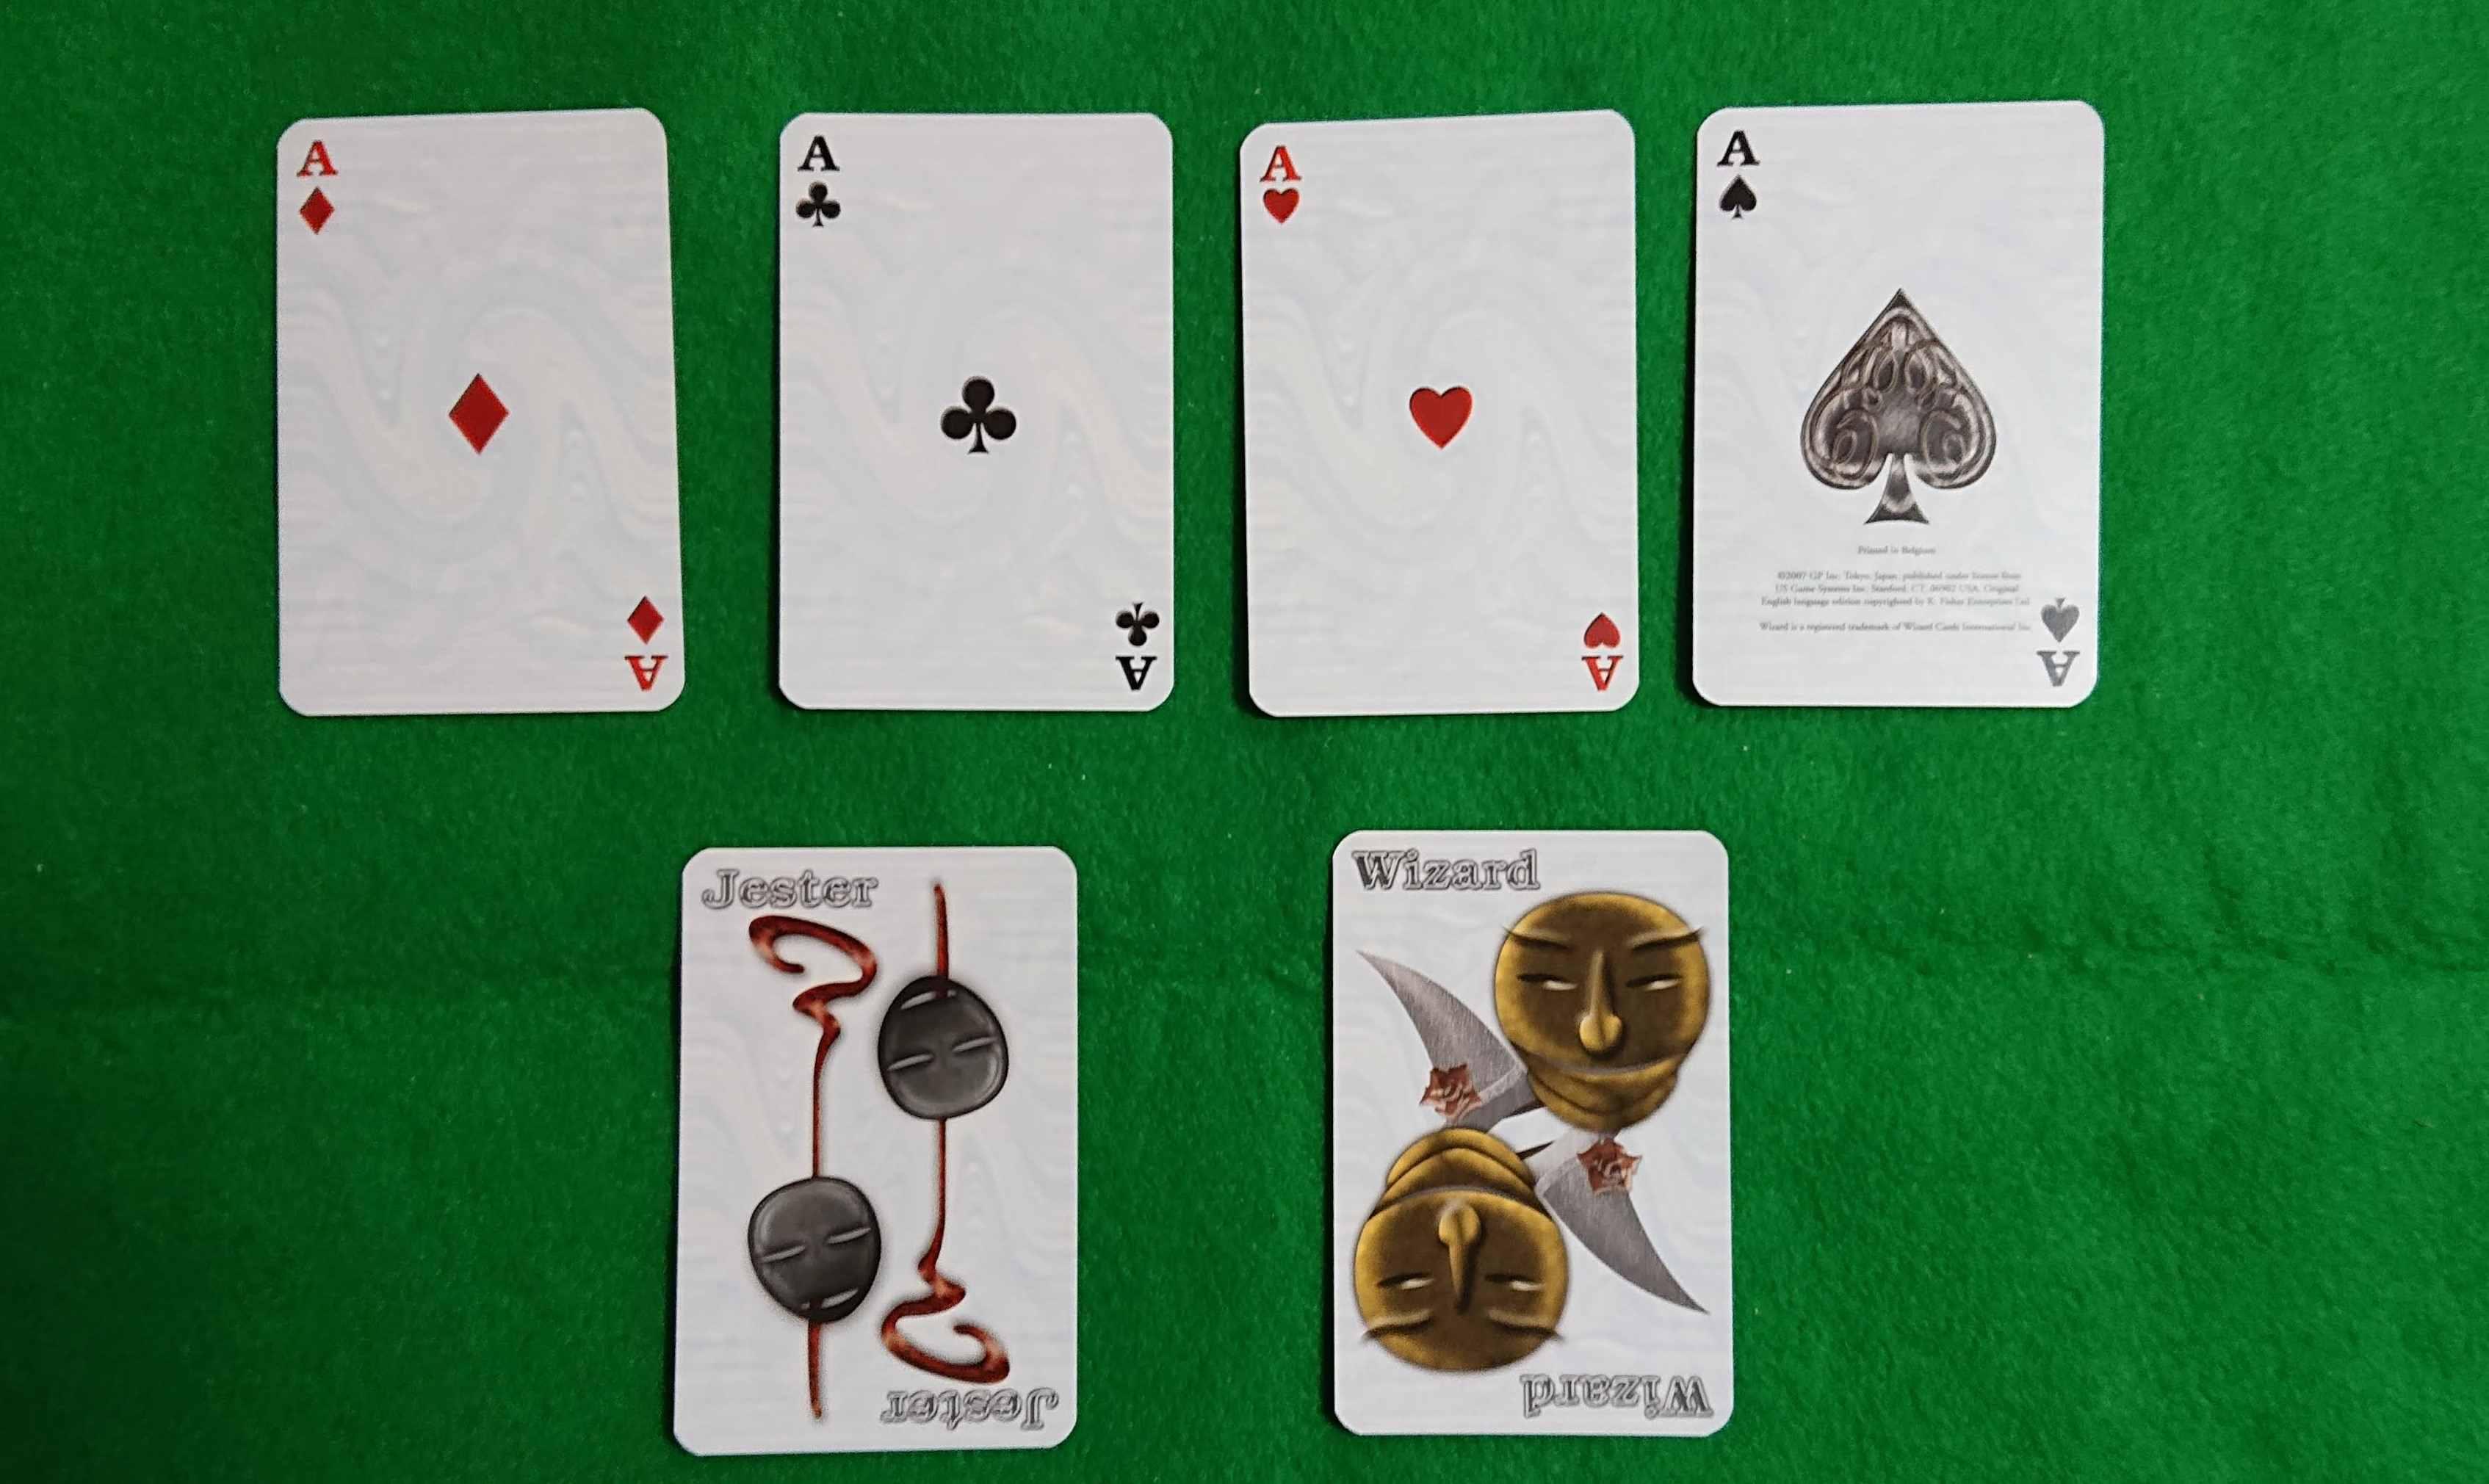 ウィザード(Wizard)カードゲーム トリックテイクの基本を学ぶ ボードゲーム ルール説明